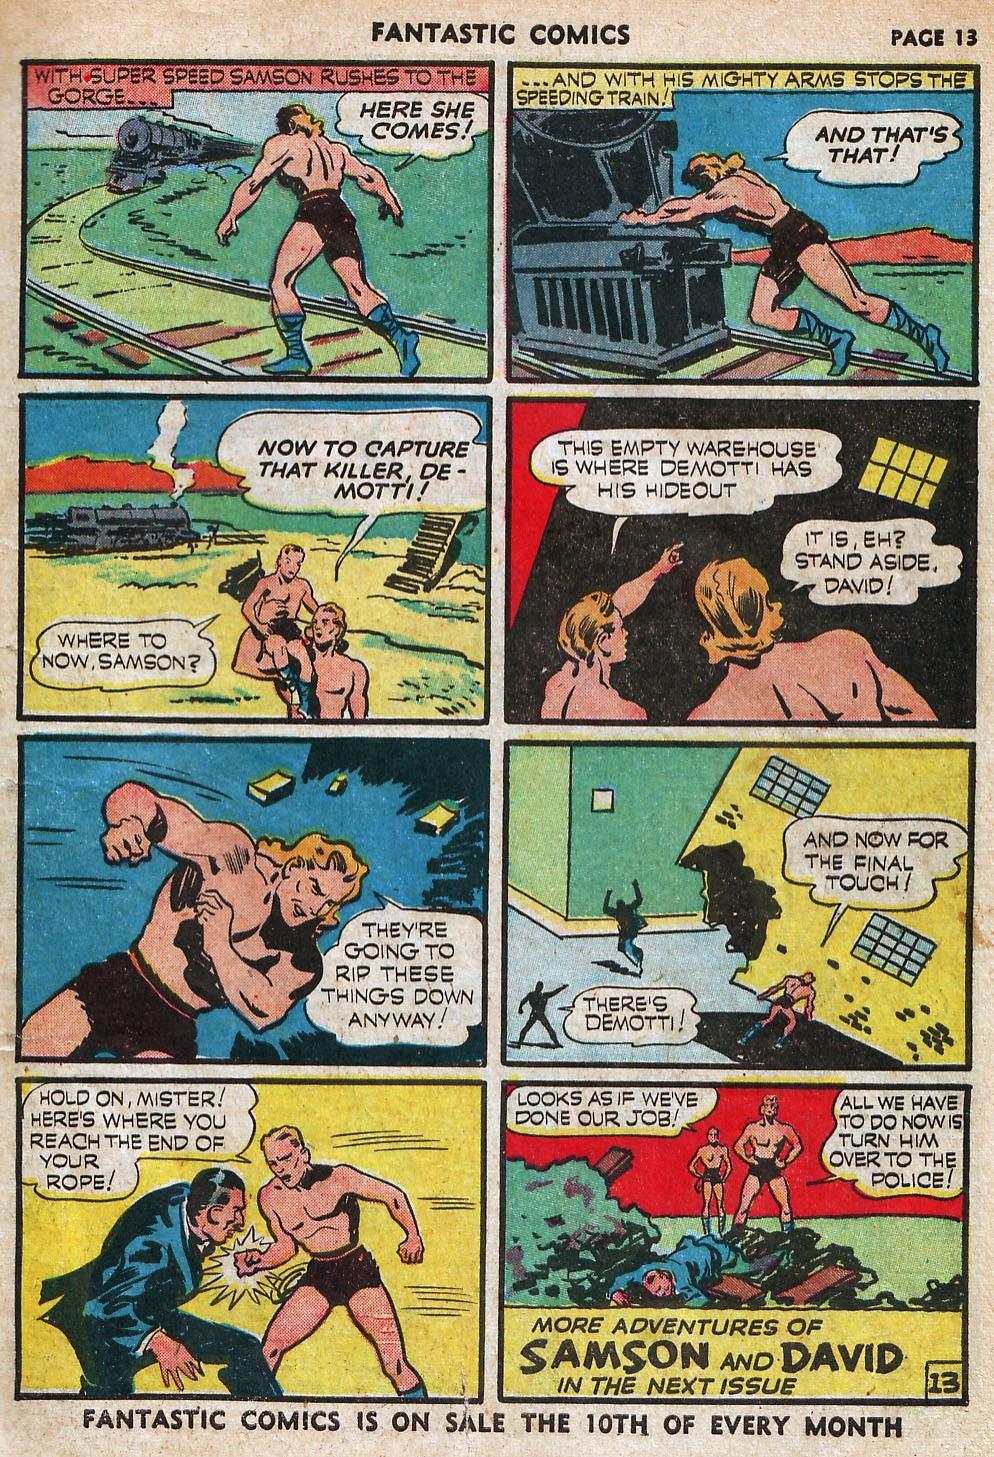 Read online Fantastic Comics comic -  Issue #18 - 15